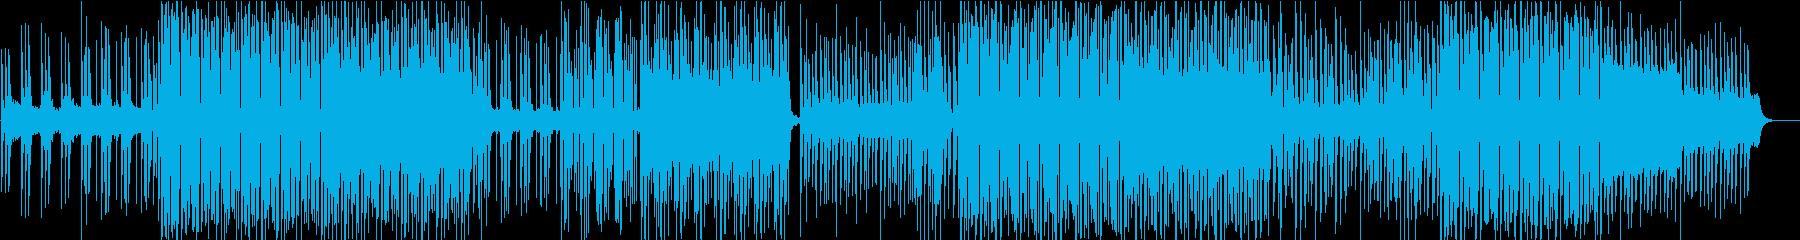 夏に合うダンスチューン/トロピカルハウスの再生済みの波形